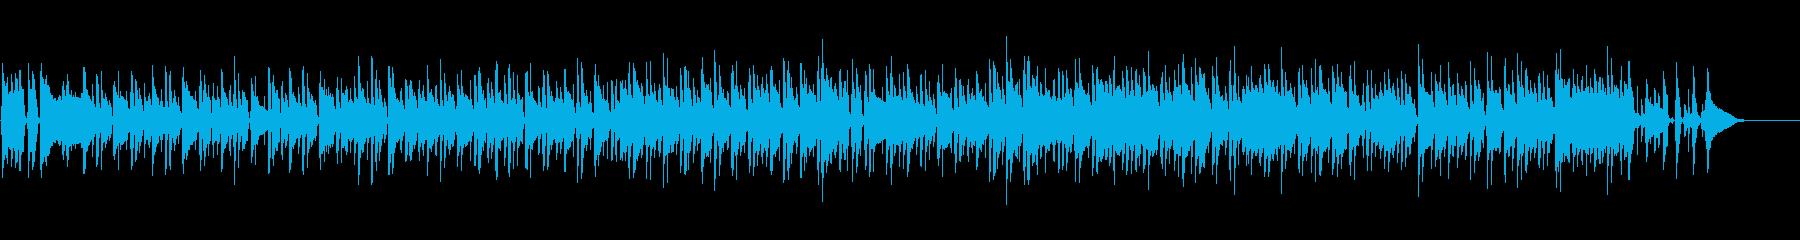 リラックス・爽やかアコースティックボッサの再生済みの波形